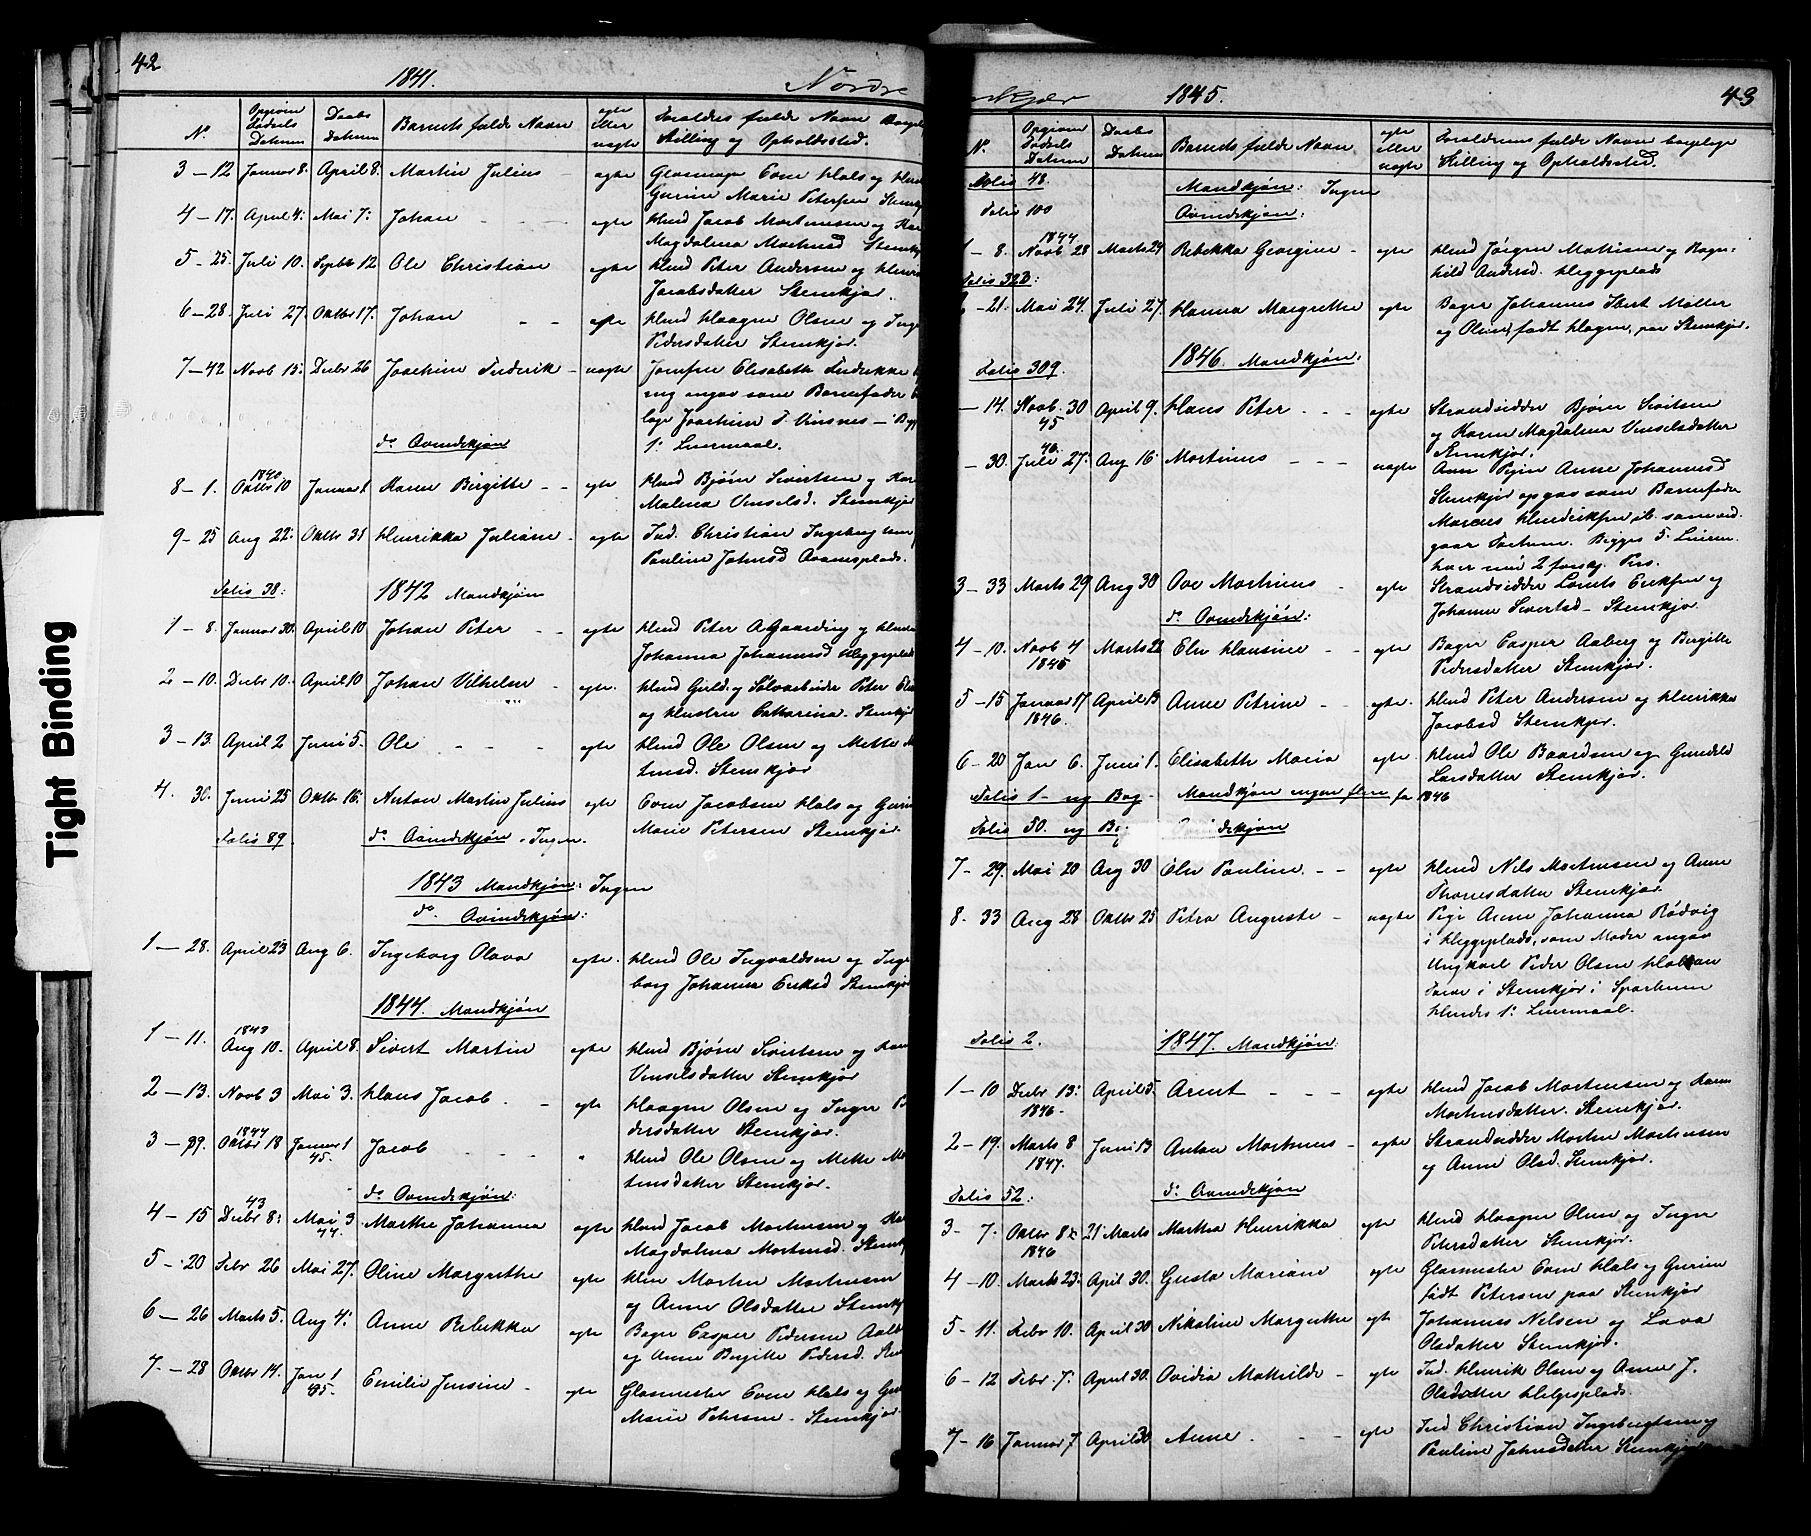 SAT, Ministerialprotokoller, klokkerbøker og fødselsregistre - Nord-Trøndelag, 739/L0367: Ministerialbok nr. 739A01 /2, 1838-1868, s. 42-43